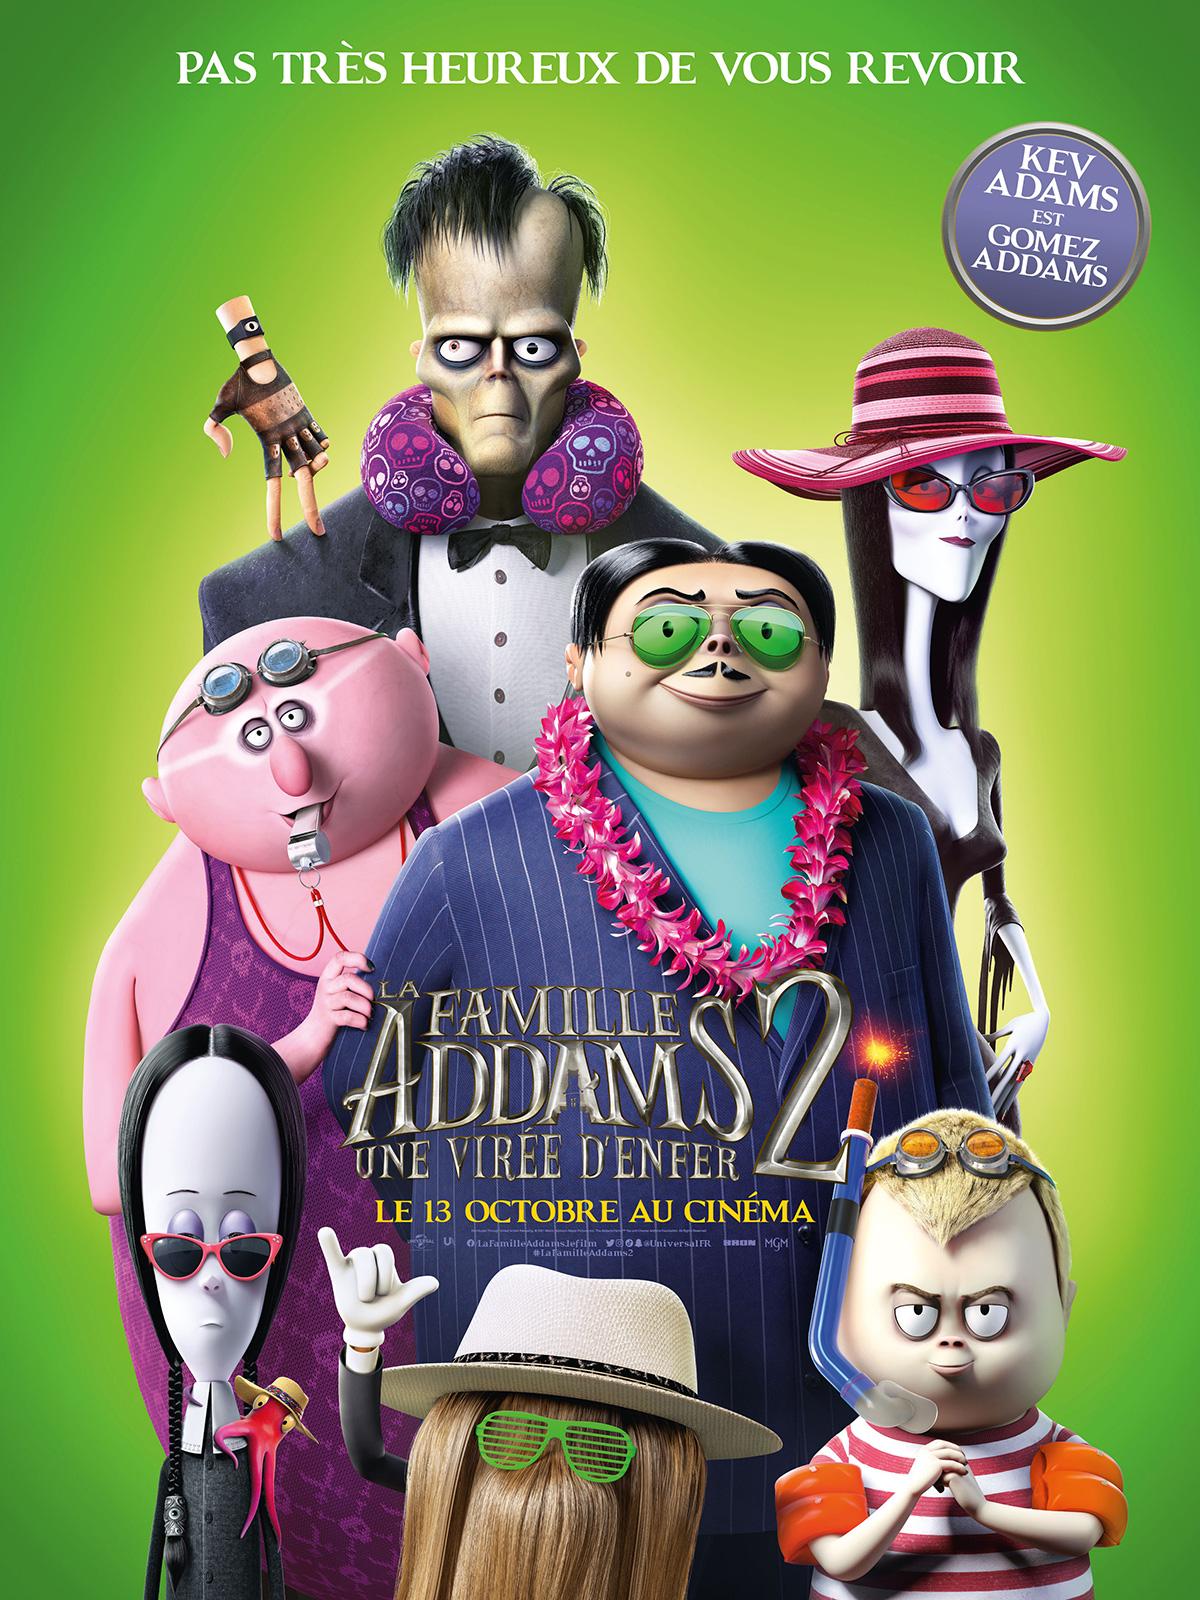 AfficheLa Famille Addams 2 : une virée d'enfer